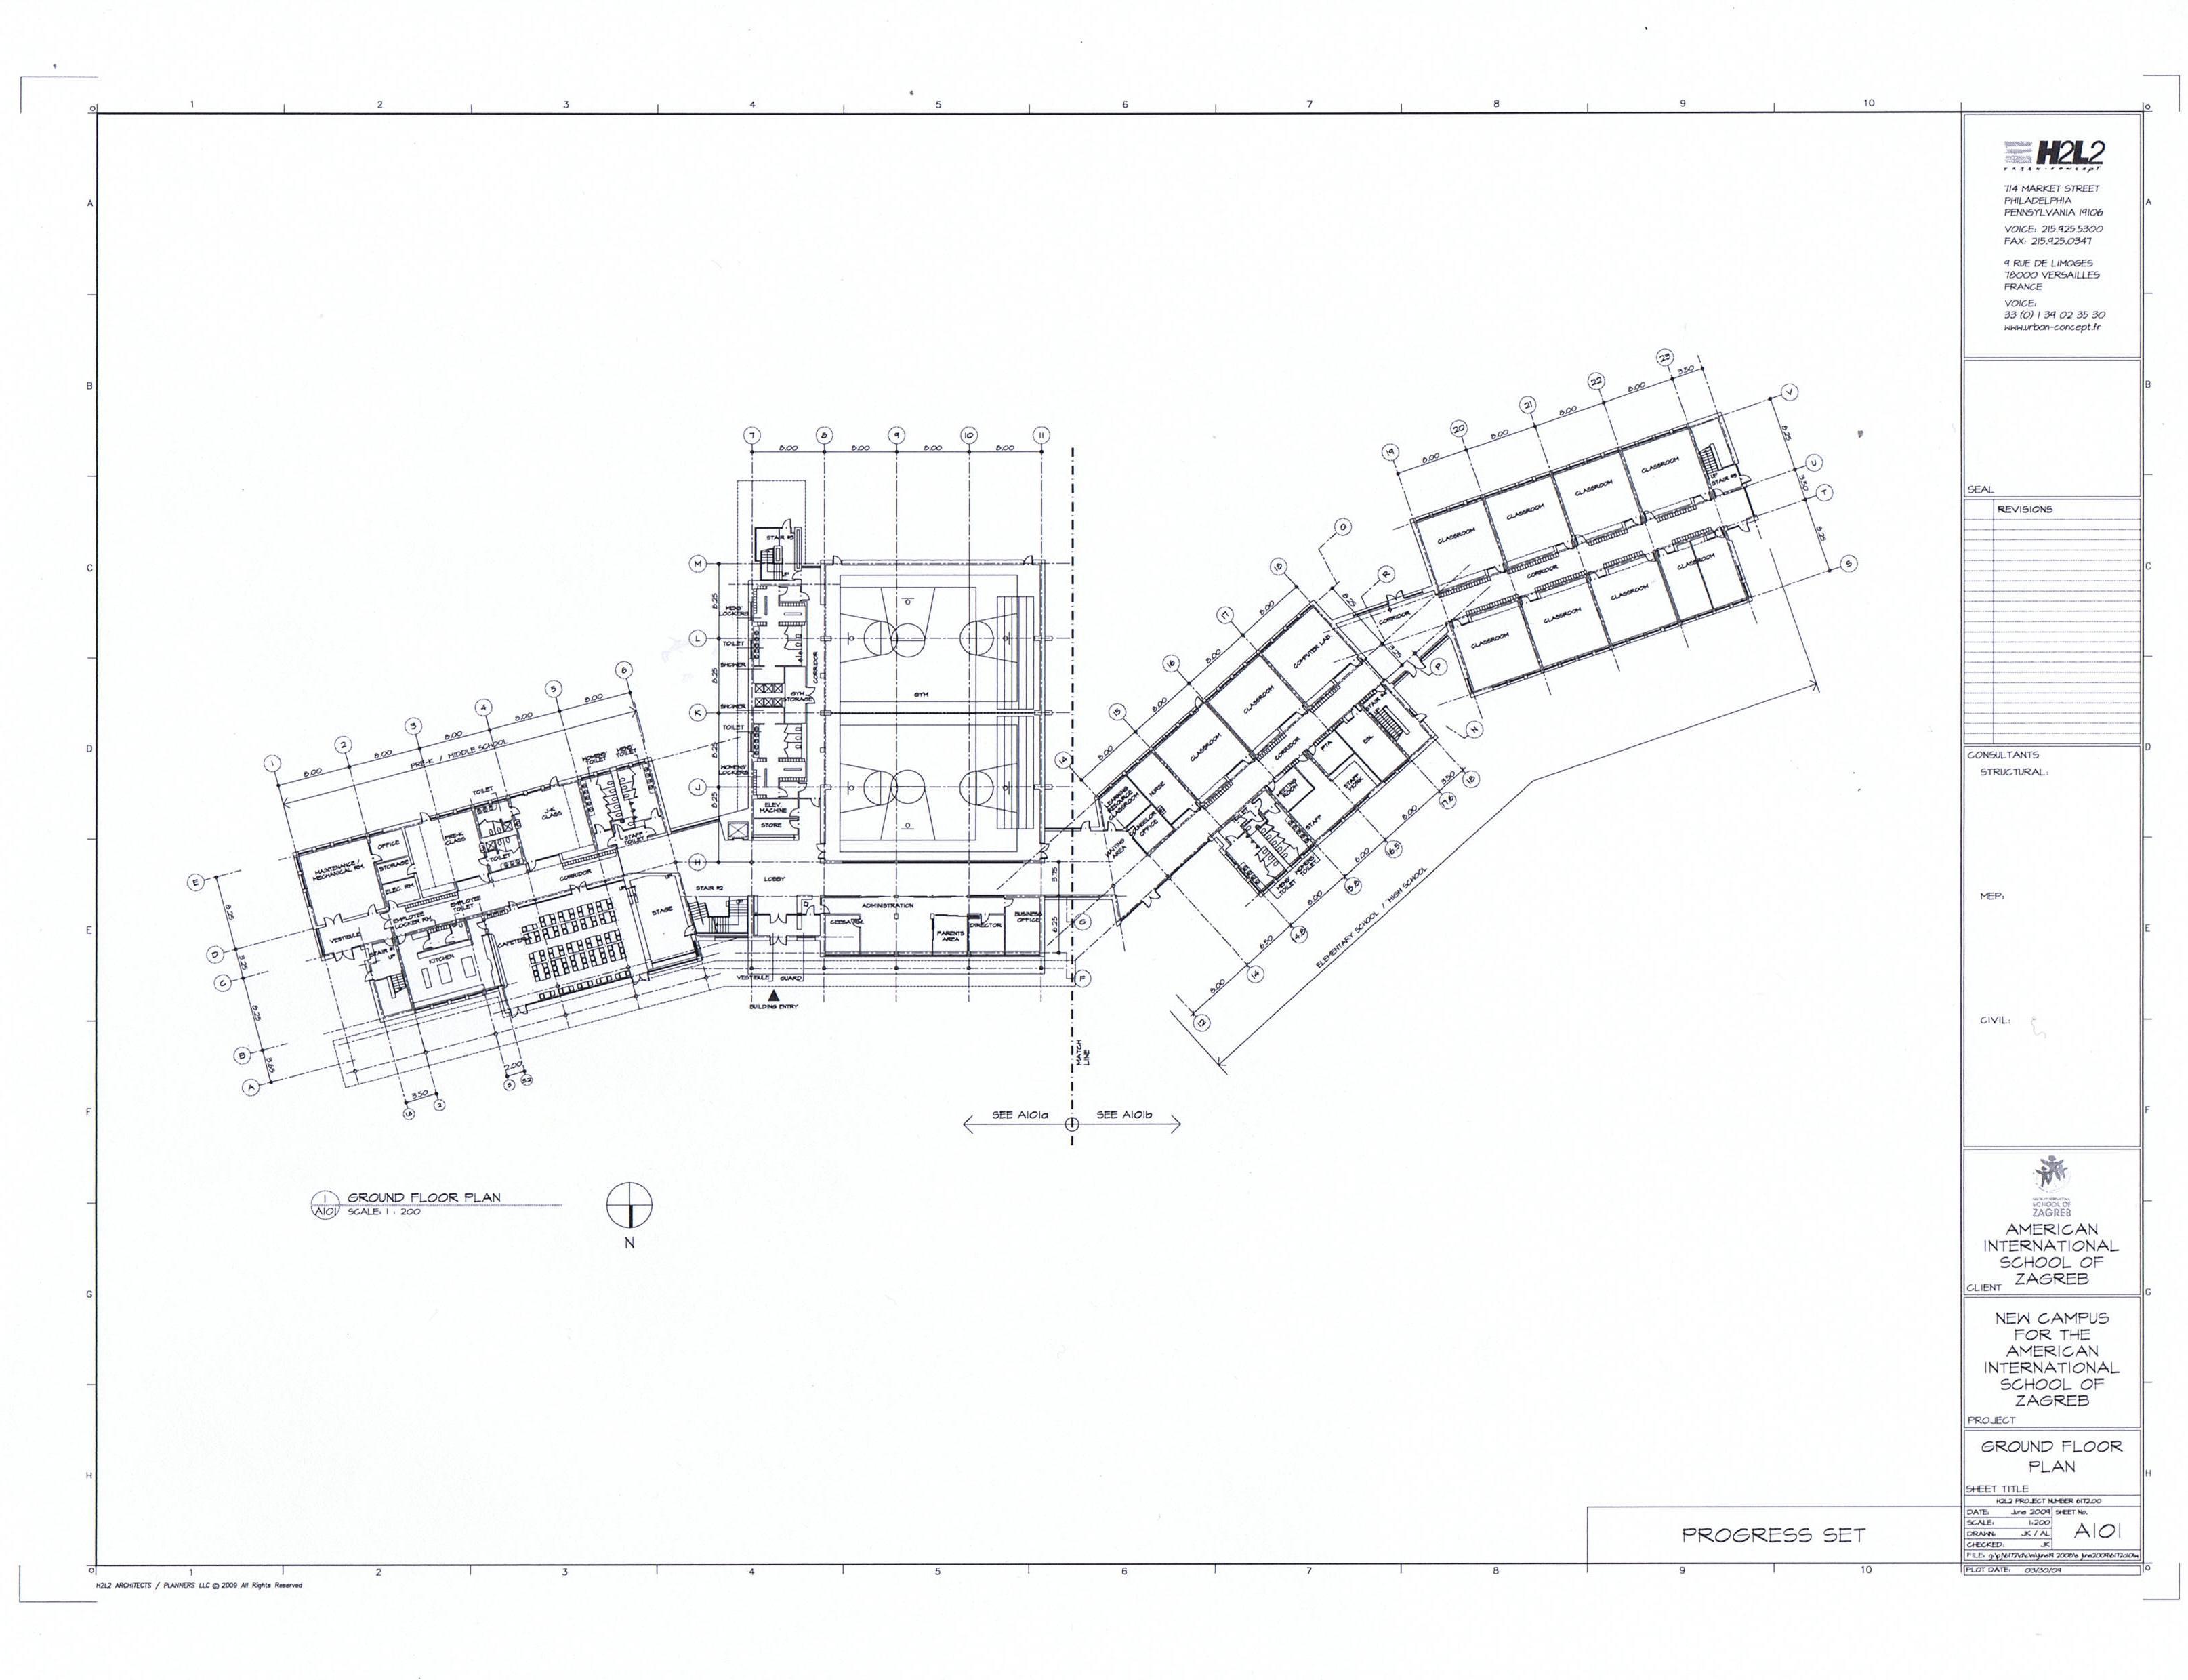 3229x2479 H2l2 (Design Dev.) Zagreb, Croatia, New Campus For American